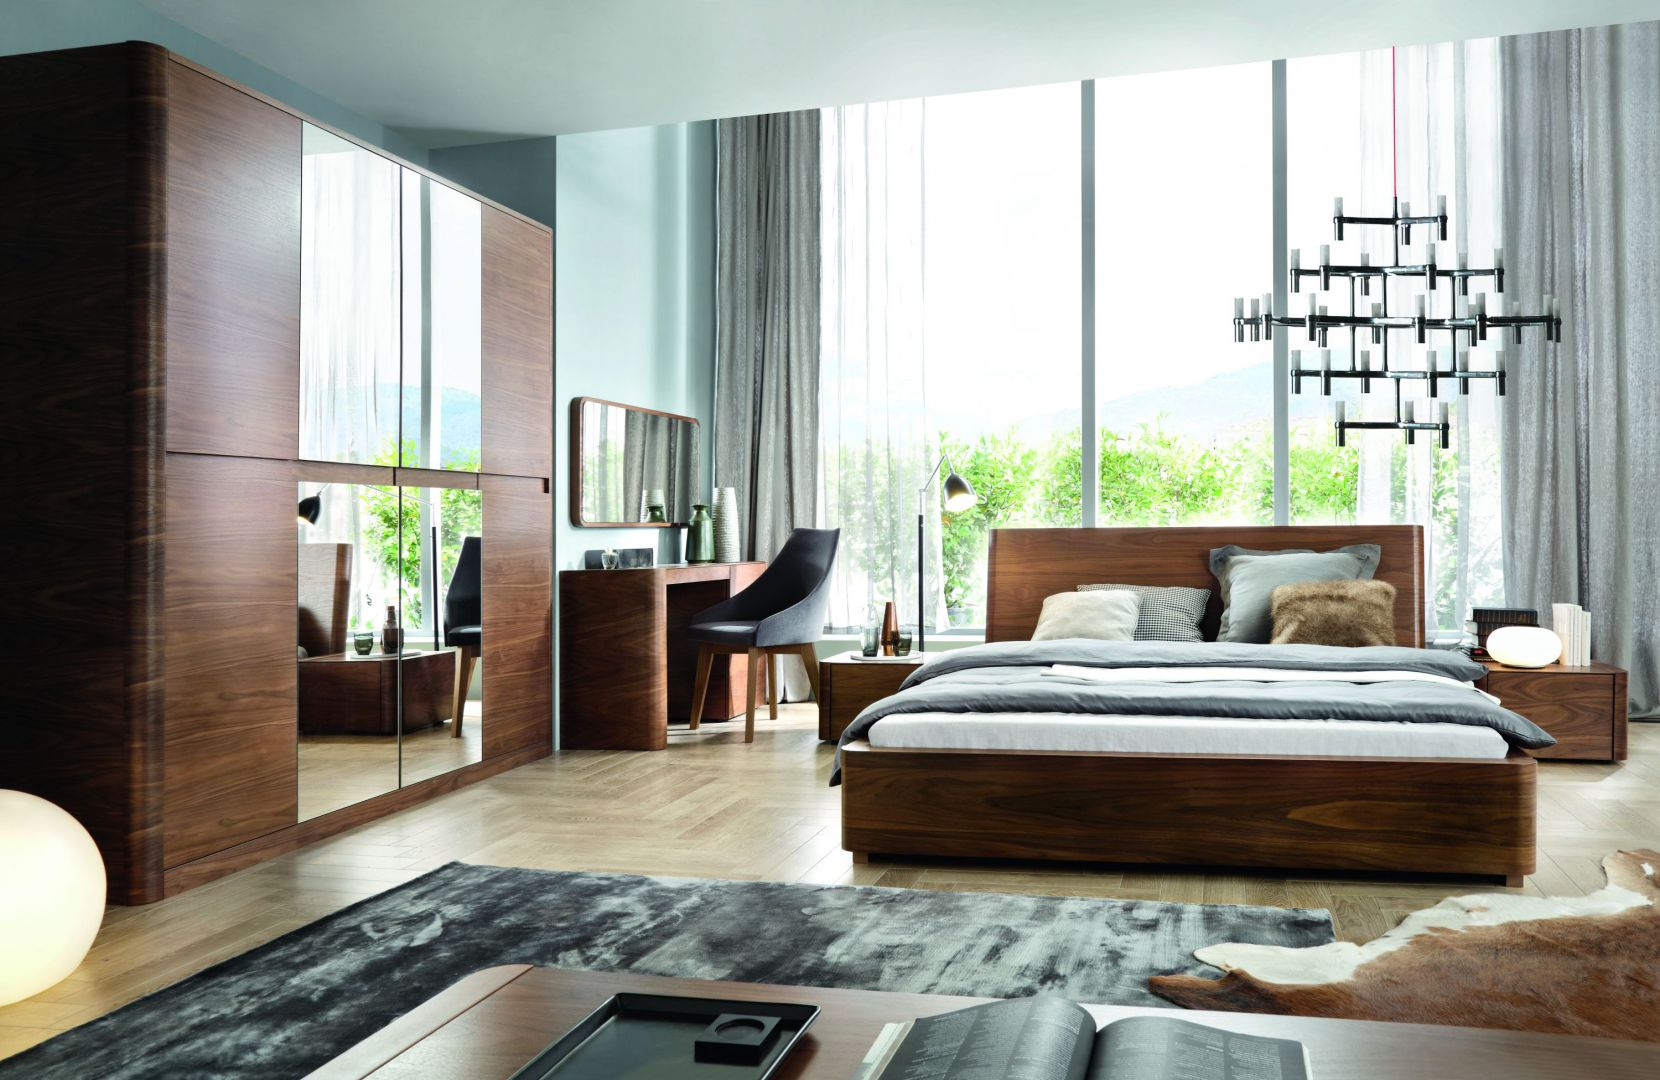 Szafa z kolekcji Varadero zachwyca dużą taflą lustra, dzięki czemu optycznie powiększa pomieszczenia. Fot. Paged